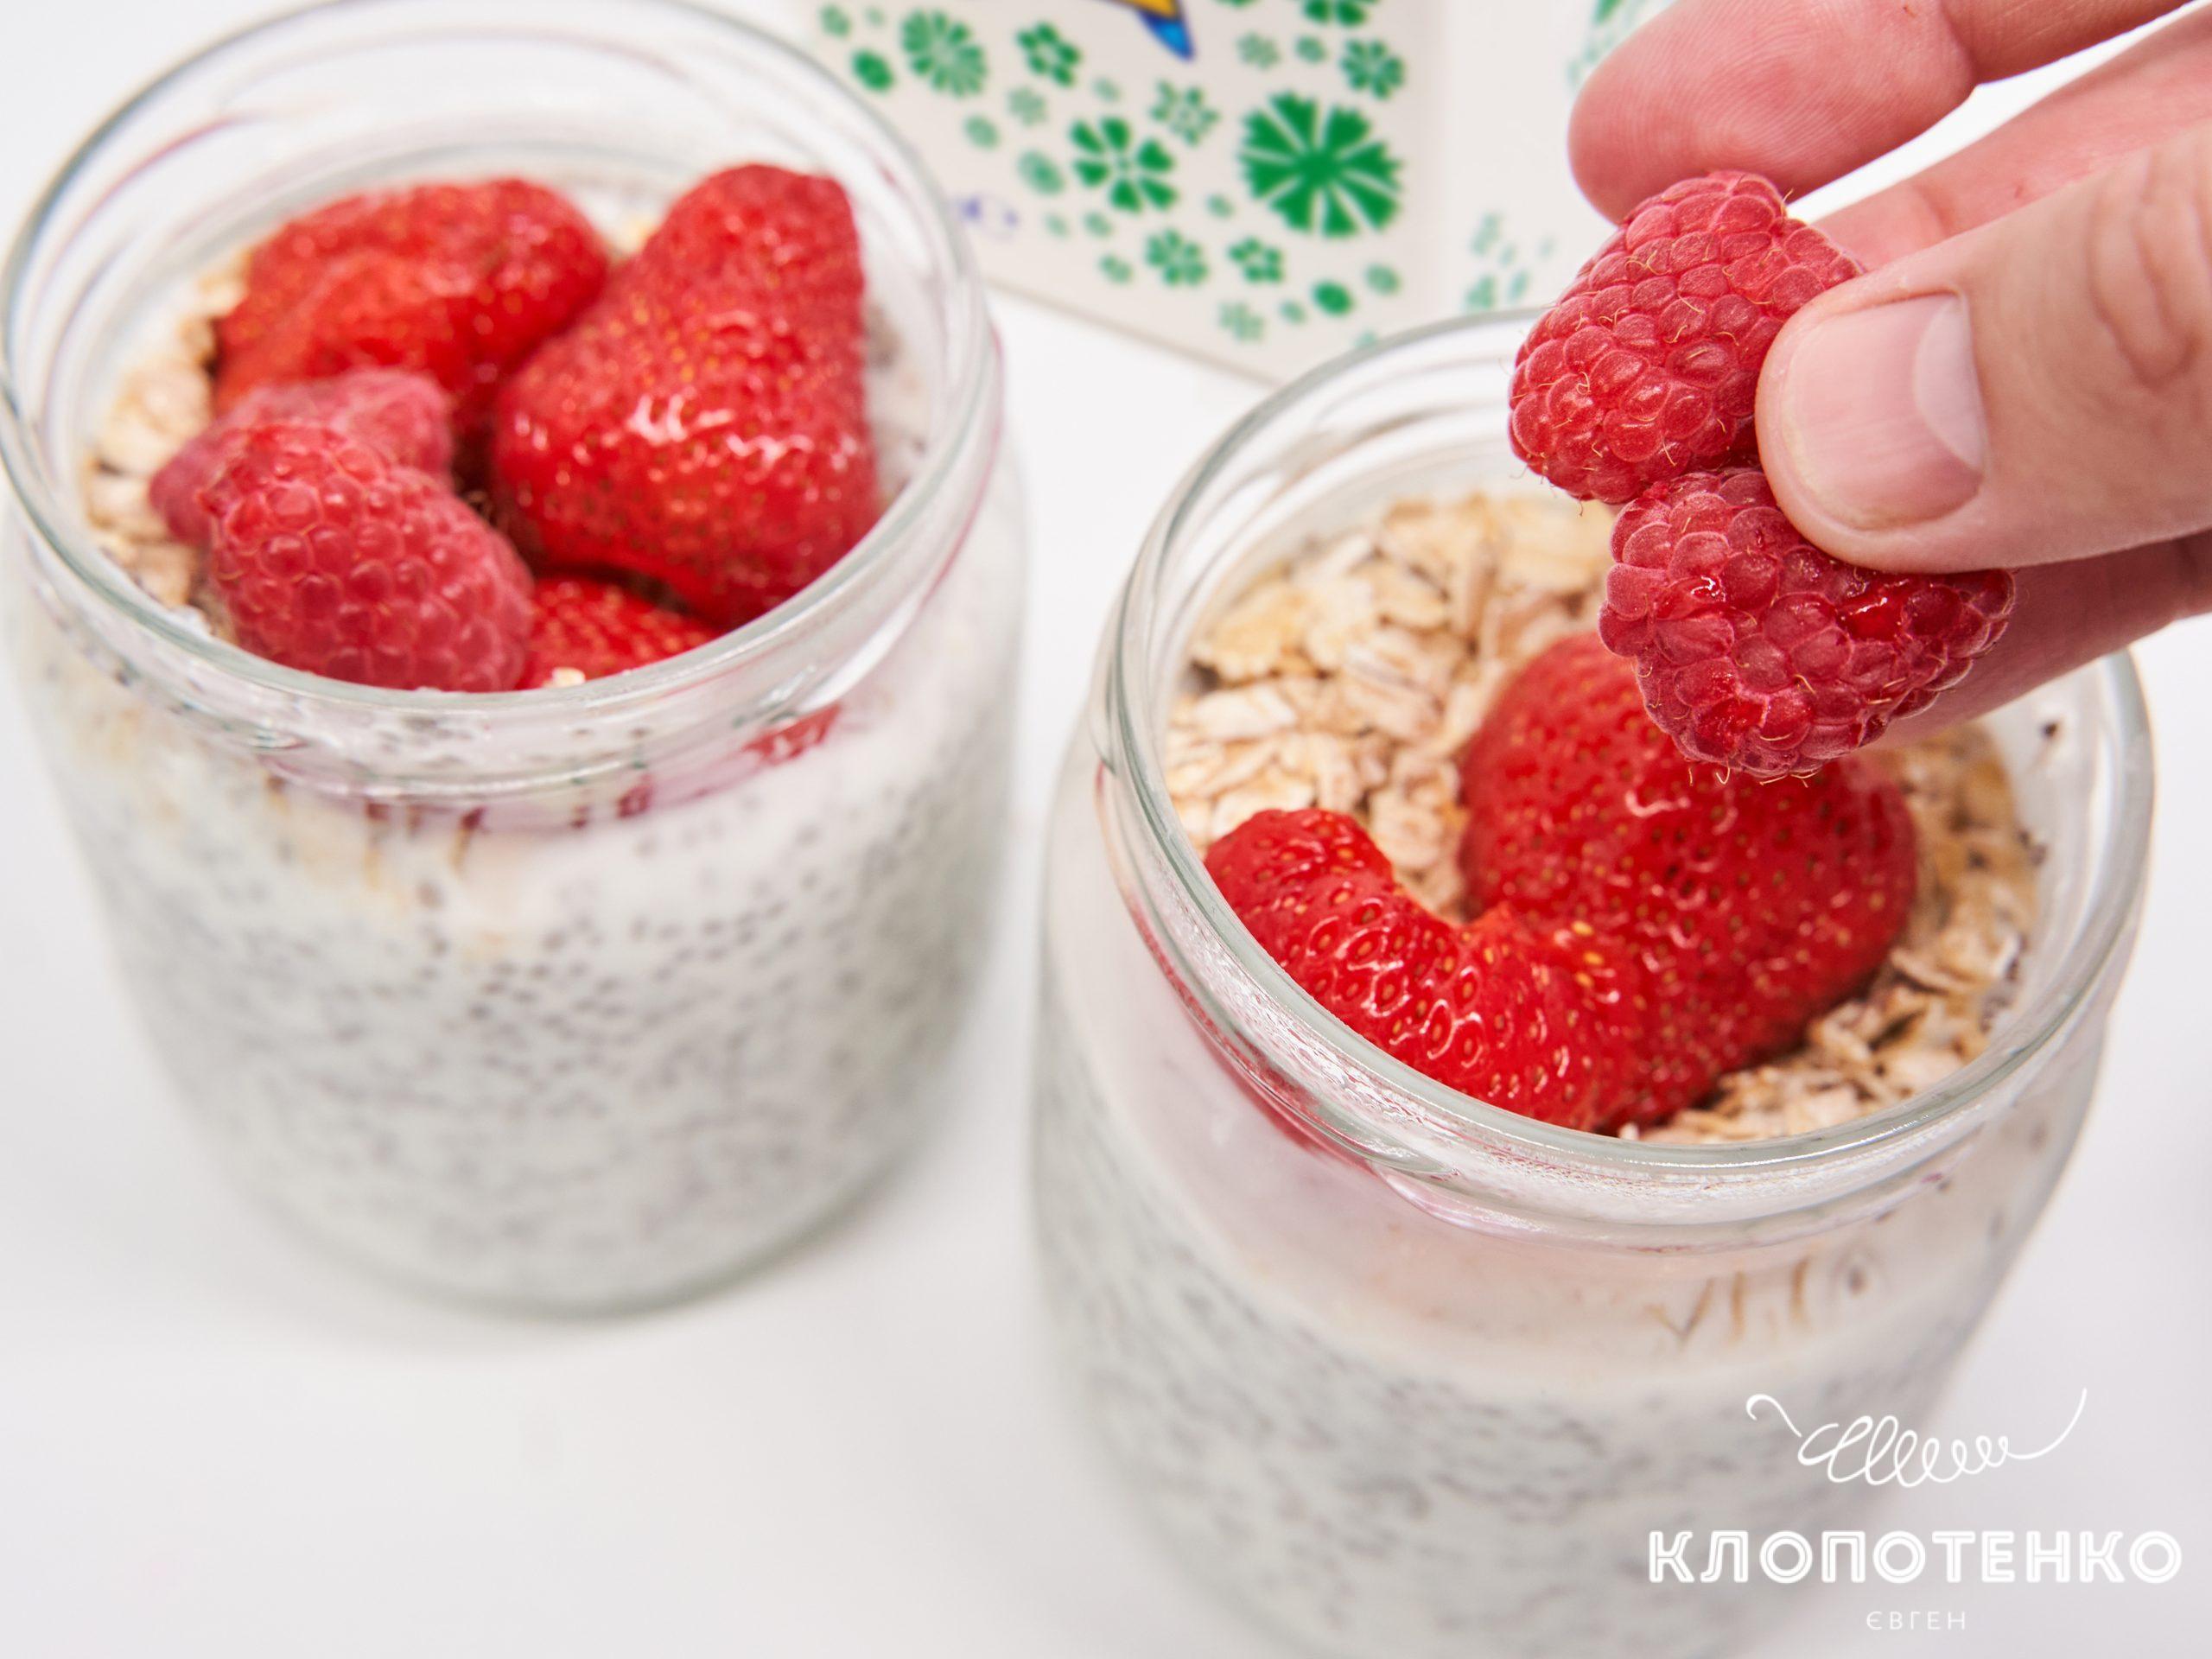 Добавьте ягоды